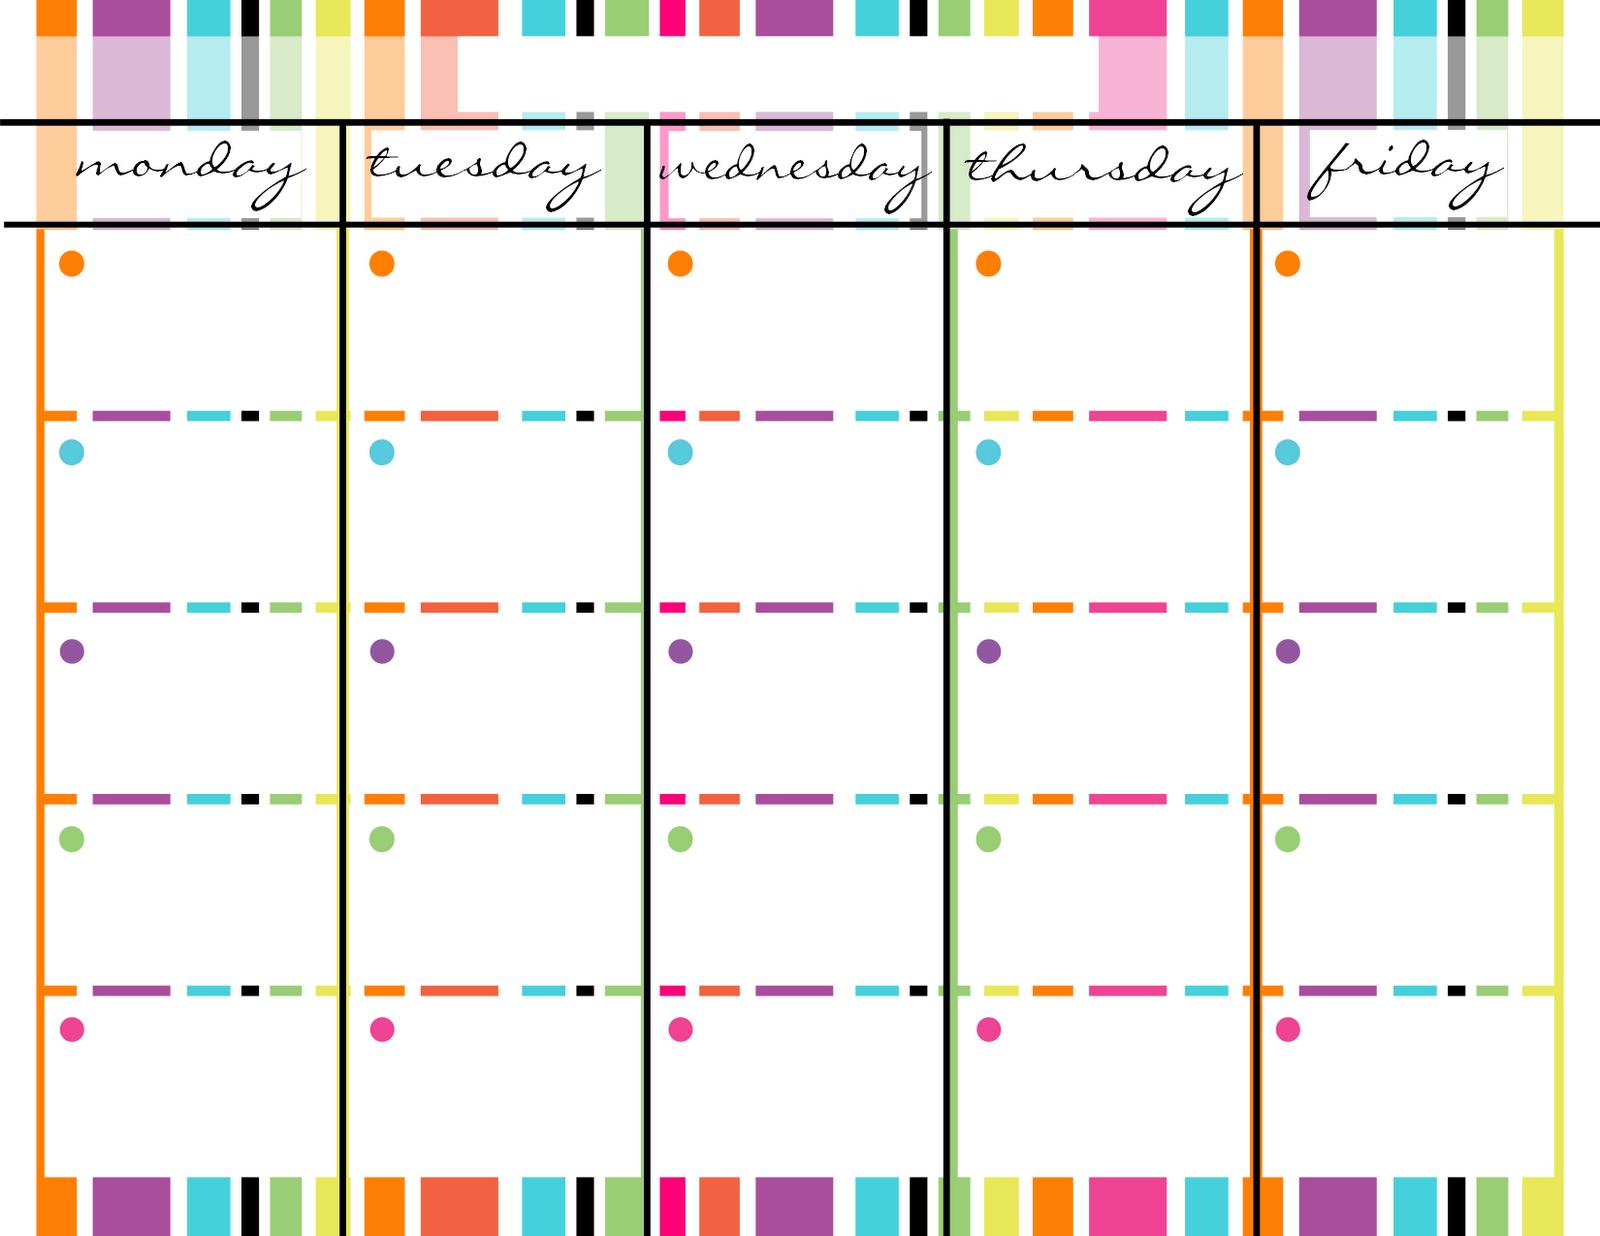 Blank Monday Through Friday Printable Calendar | Blank intended for Monday Through Friday Calendar Template